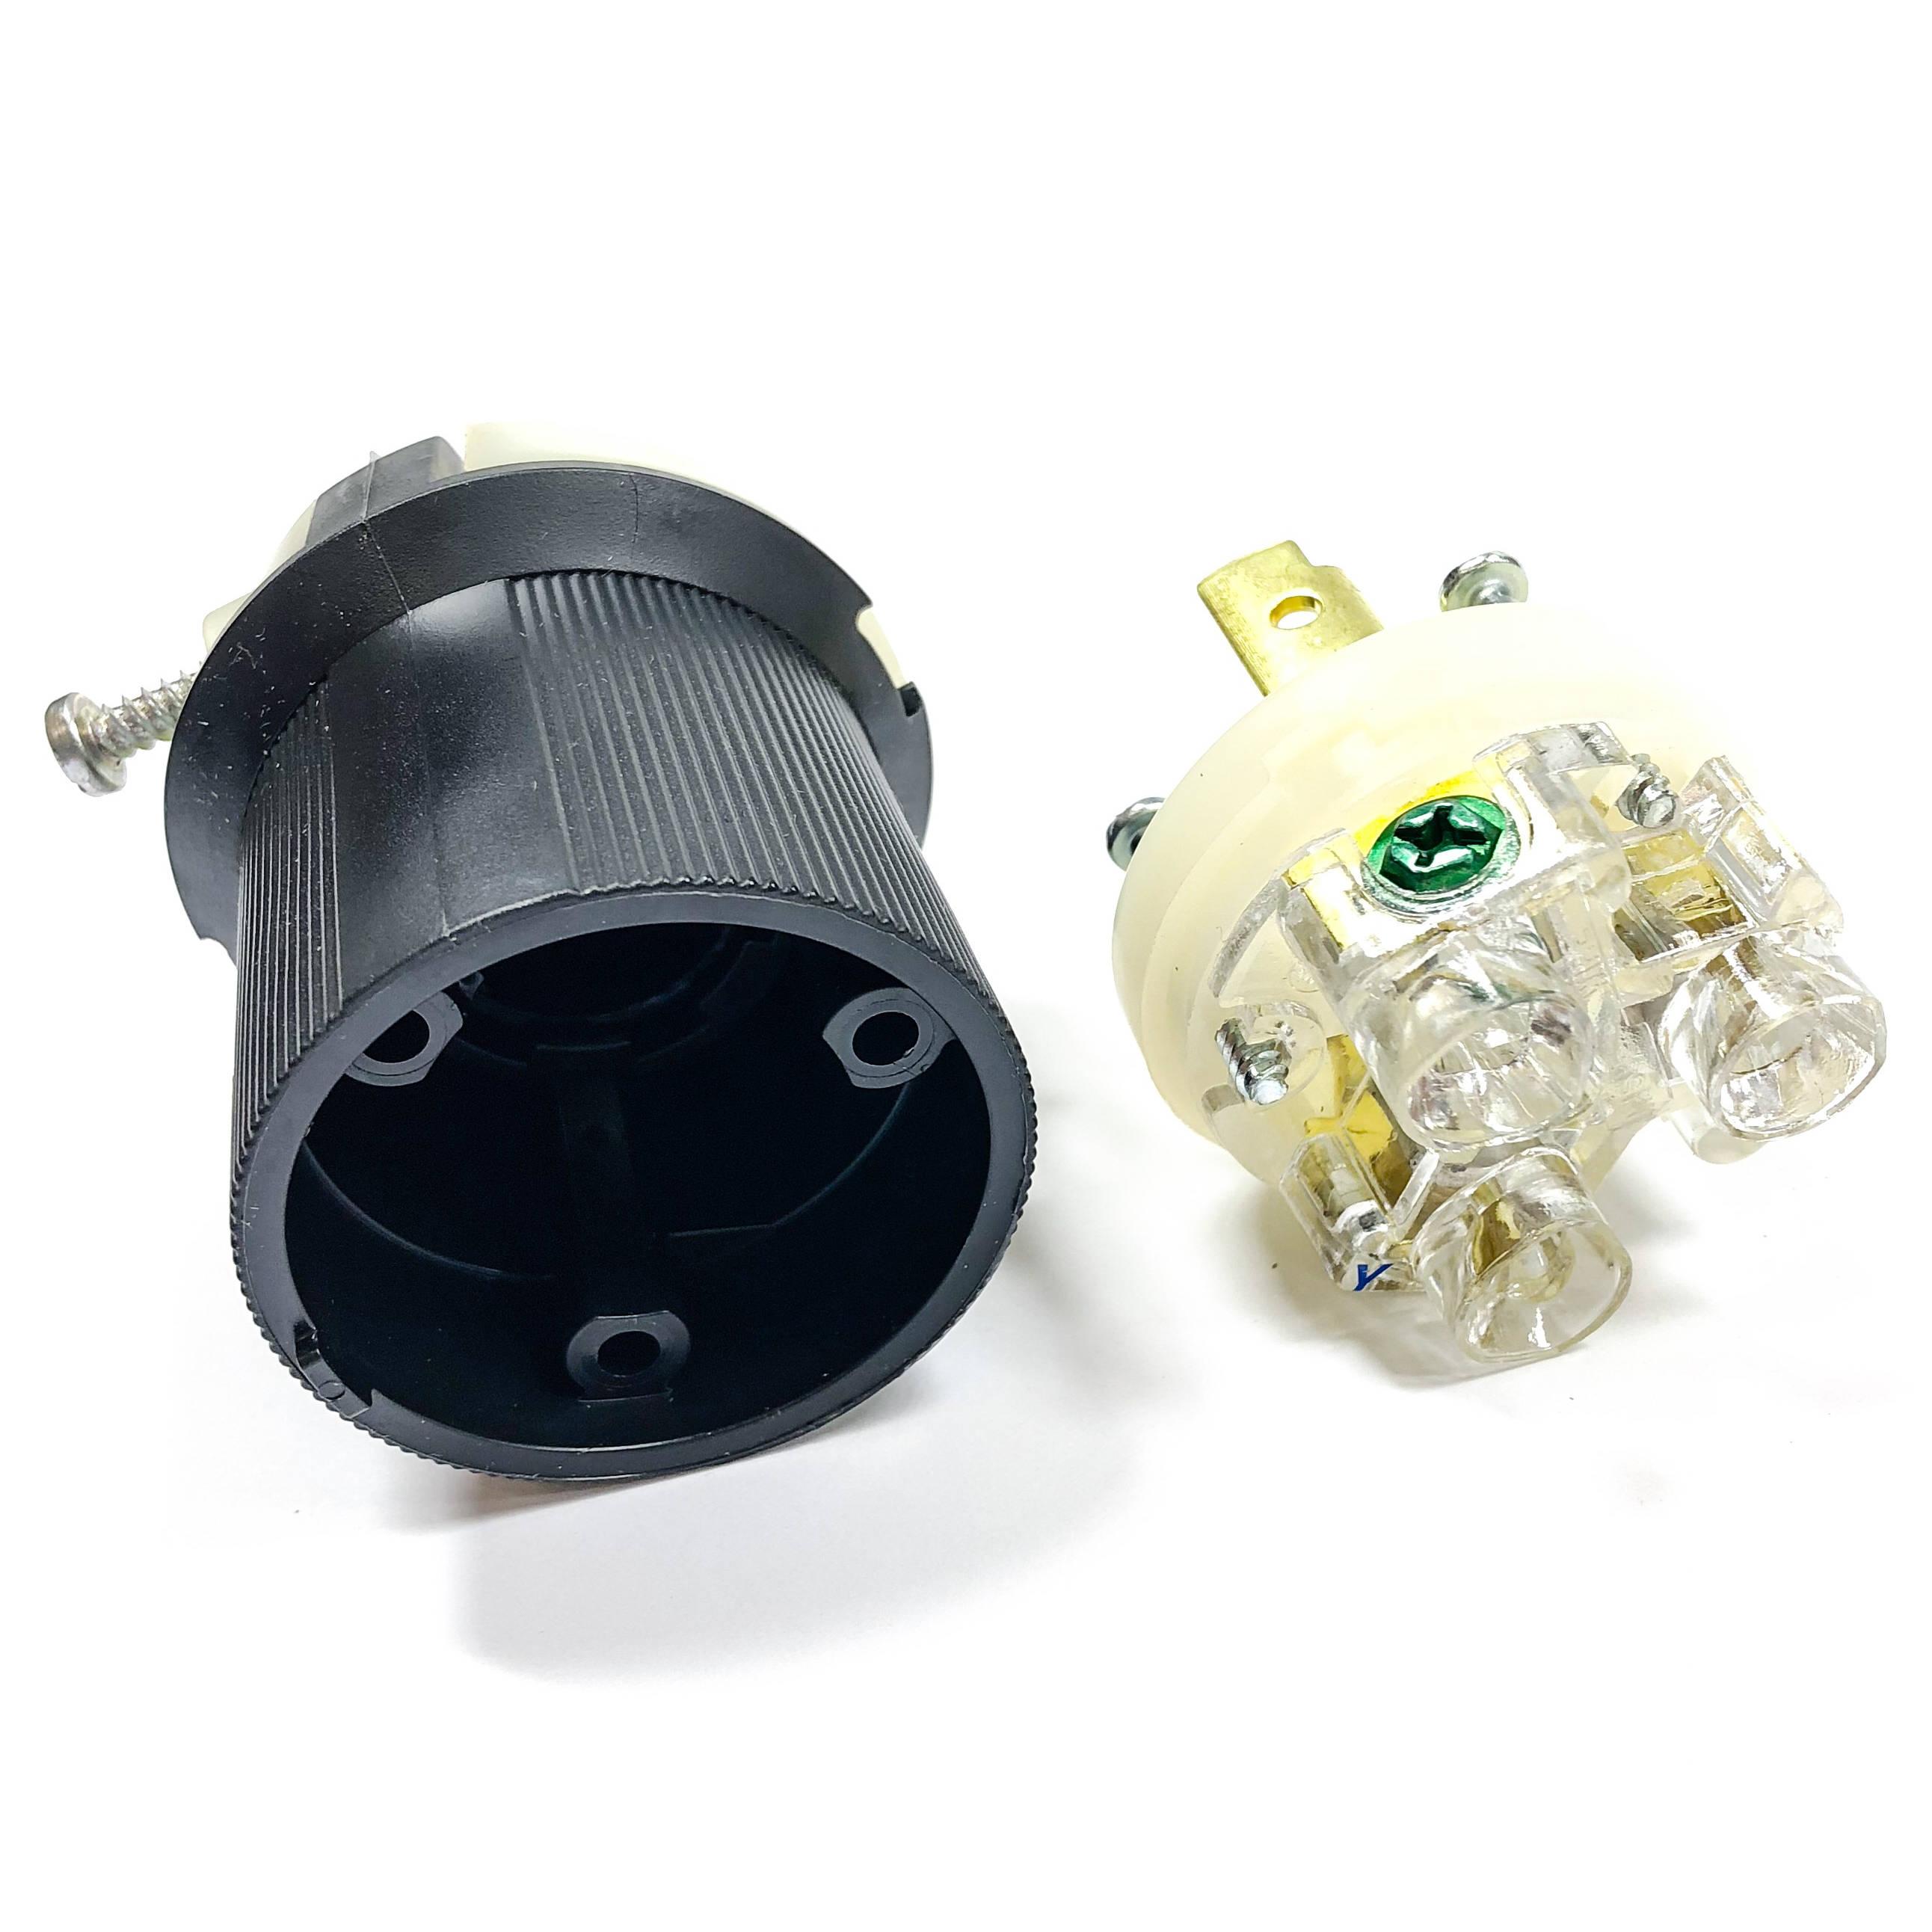 Hbl2621 Hubbell Insulgrip Twist Lock Plug